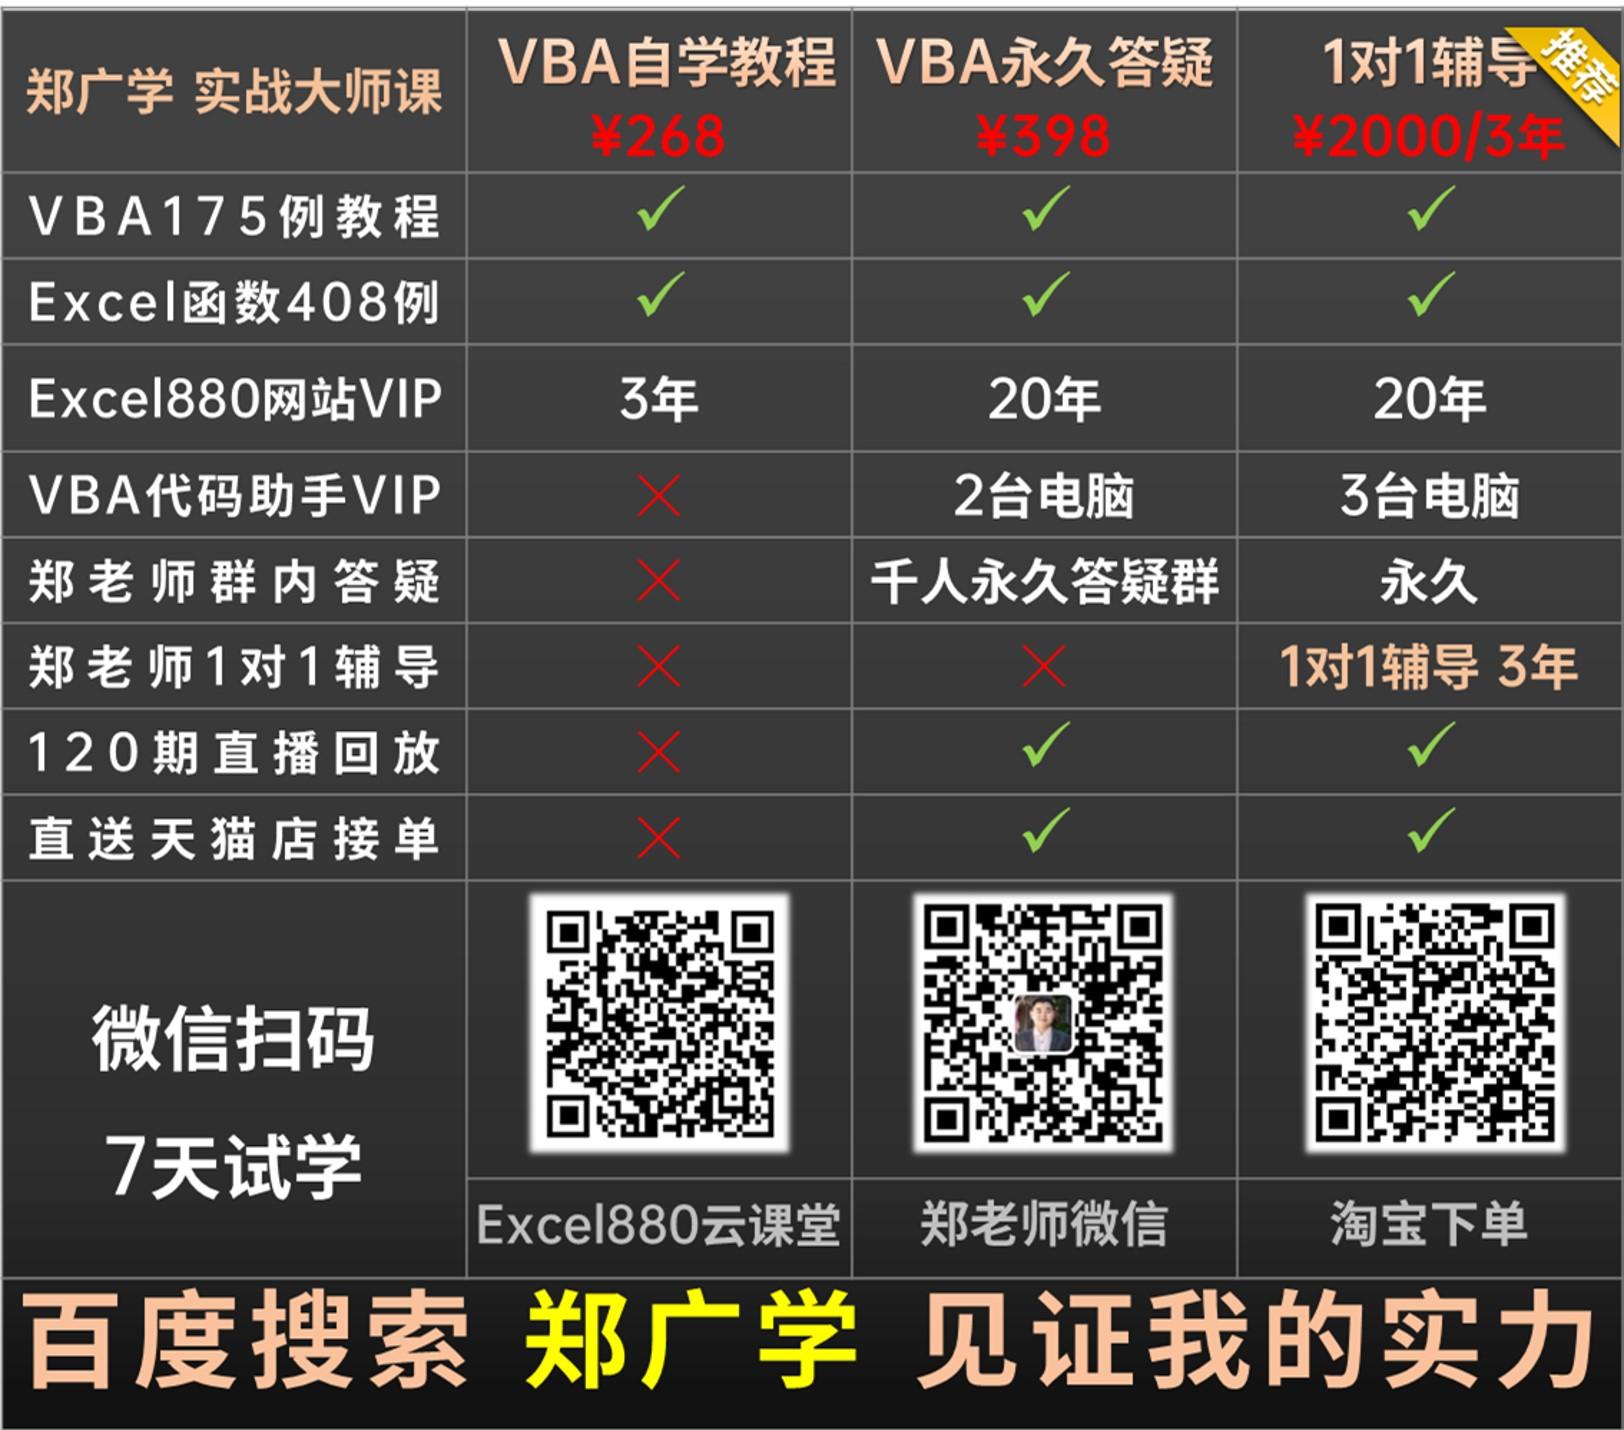 Excel VBA175例实战教学视频 零基础极速入门 有基础快速提高 Excel880站长逐行手写+课后答疑 图文  郑广学vba教学 宏教学 VBA编程宝典高级篇